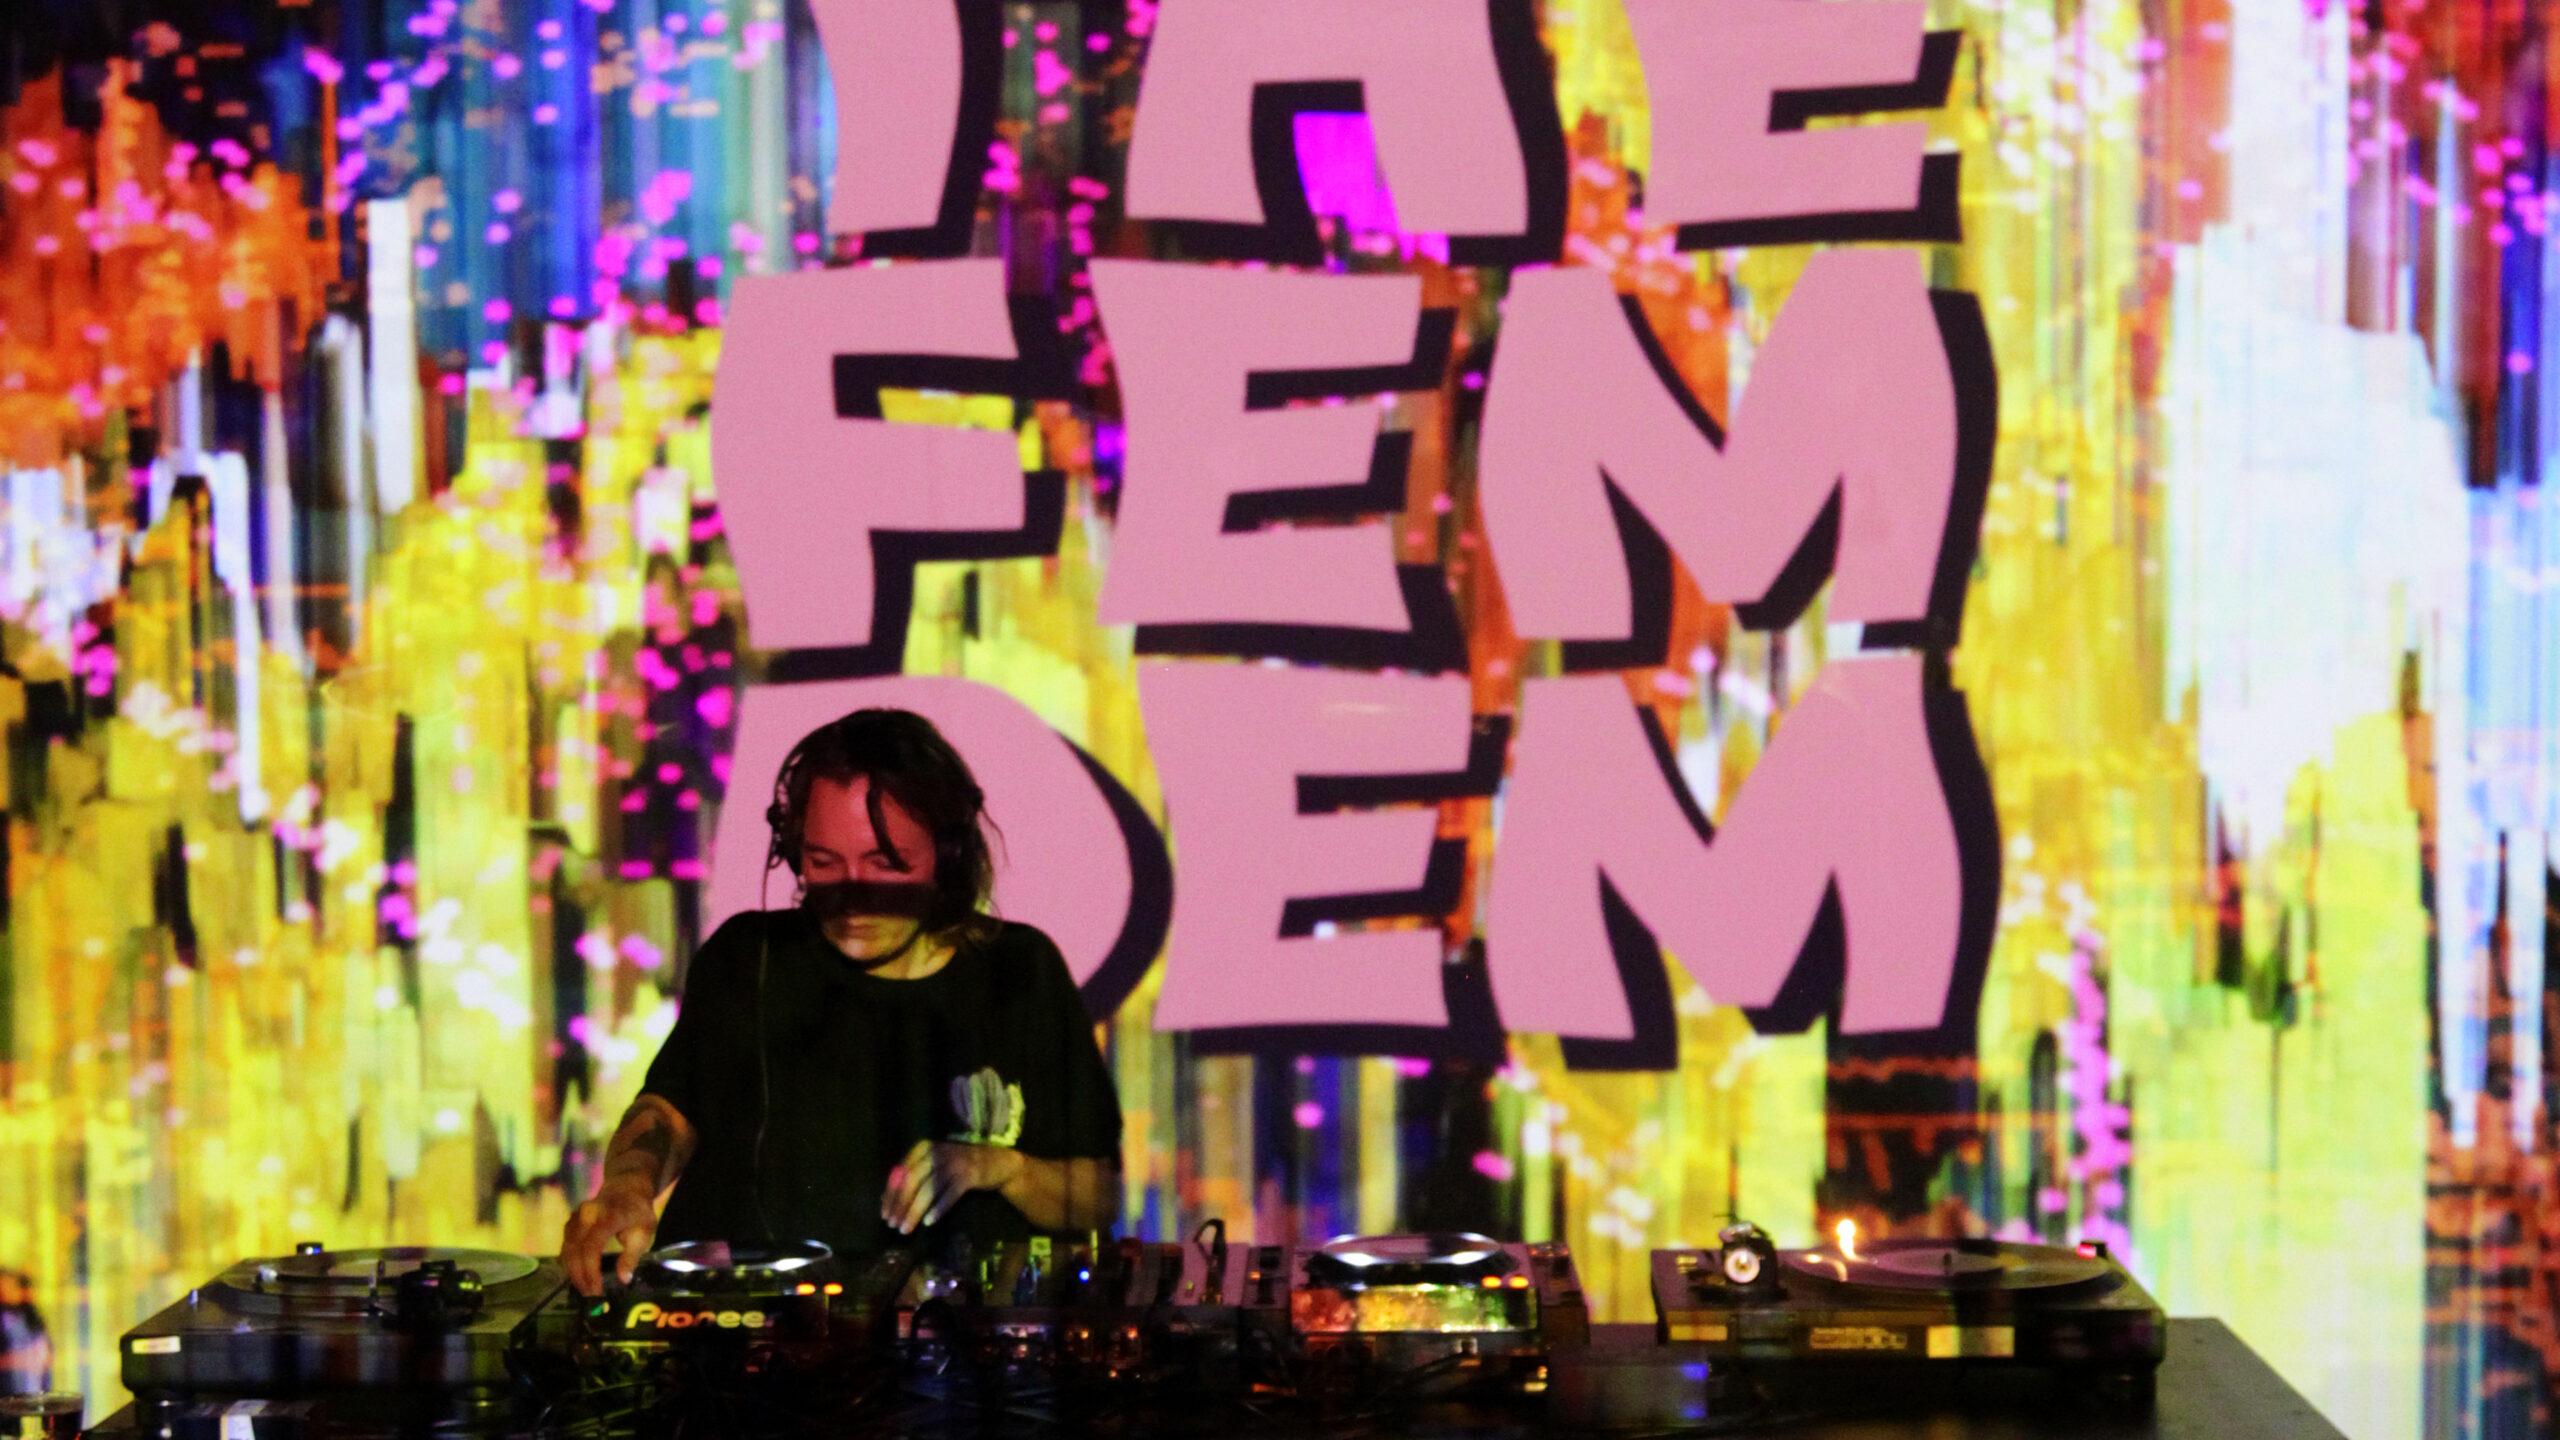 The FemDem